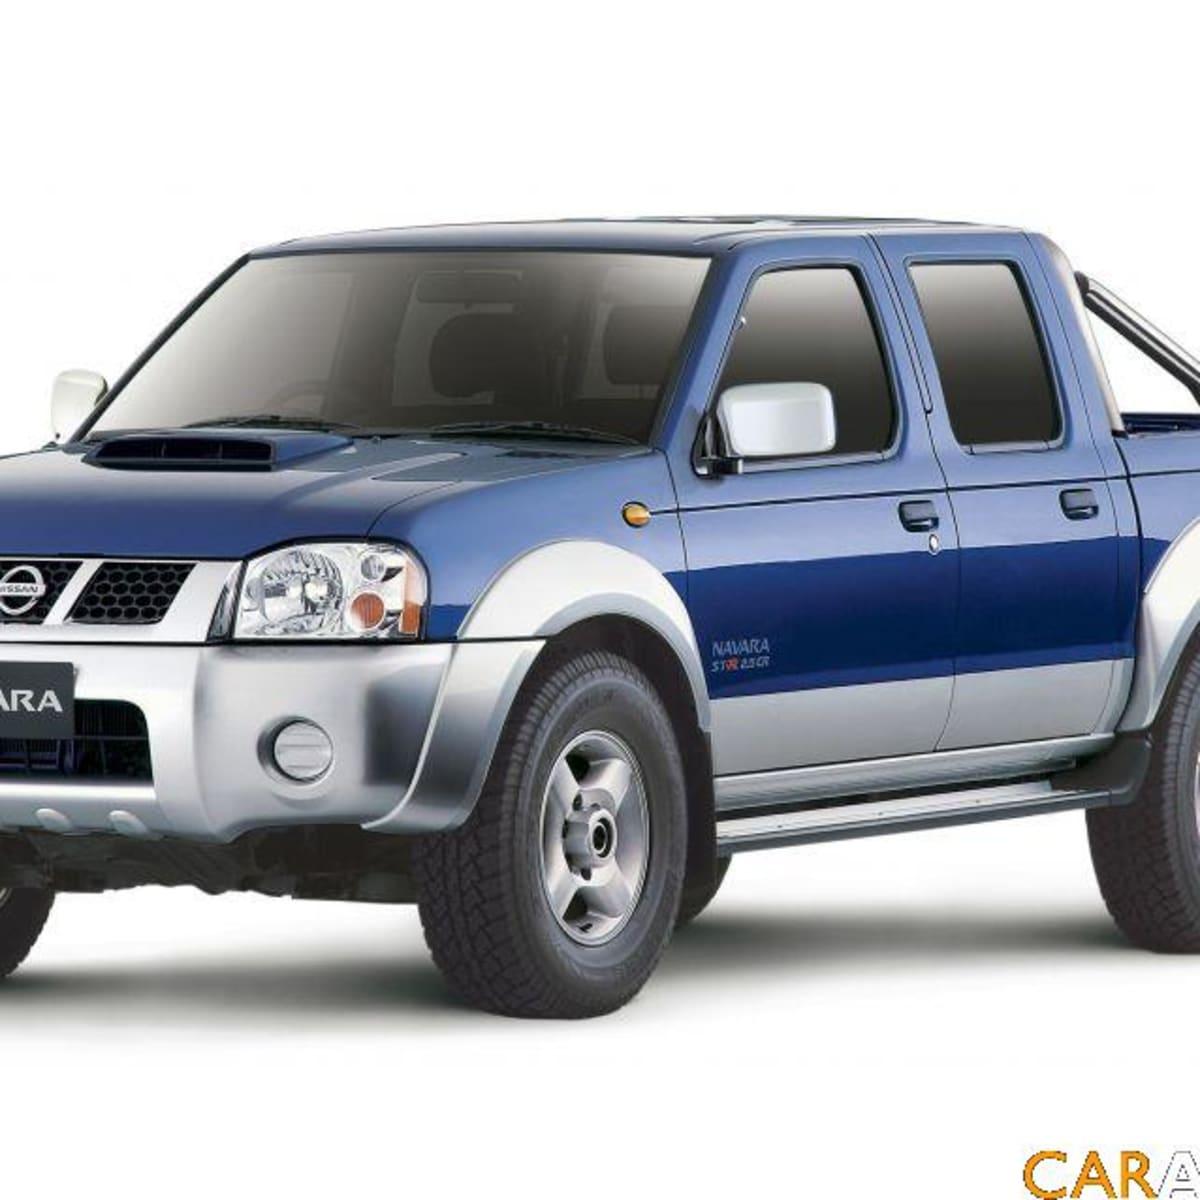 2008 Nissan Navara D22 Range Caradvice